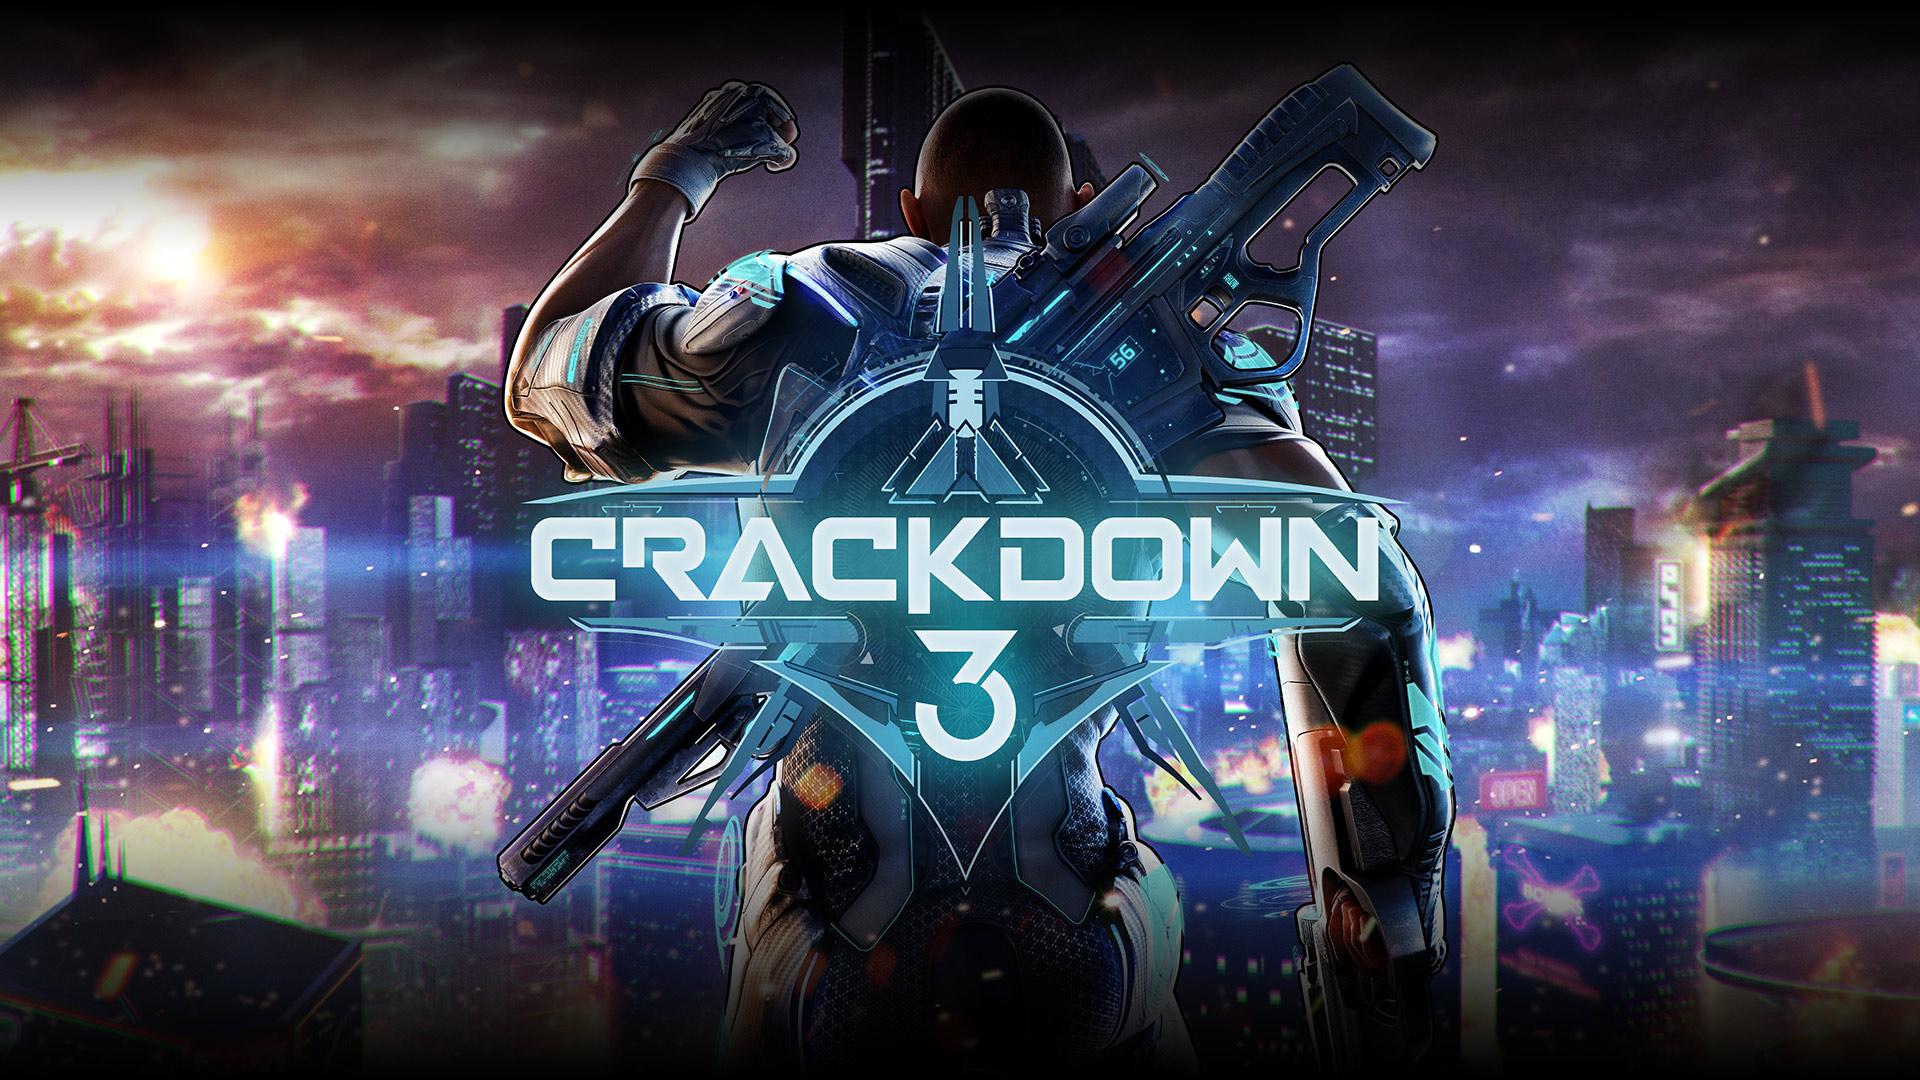 crackdown 3 sistemaren eskakizunak argitaratua